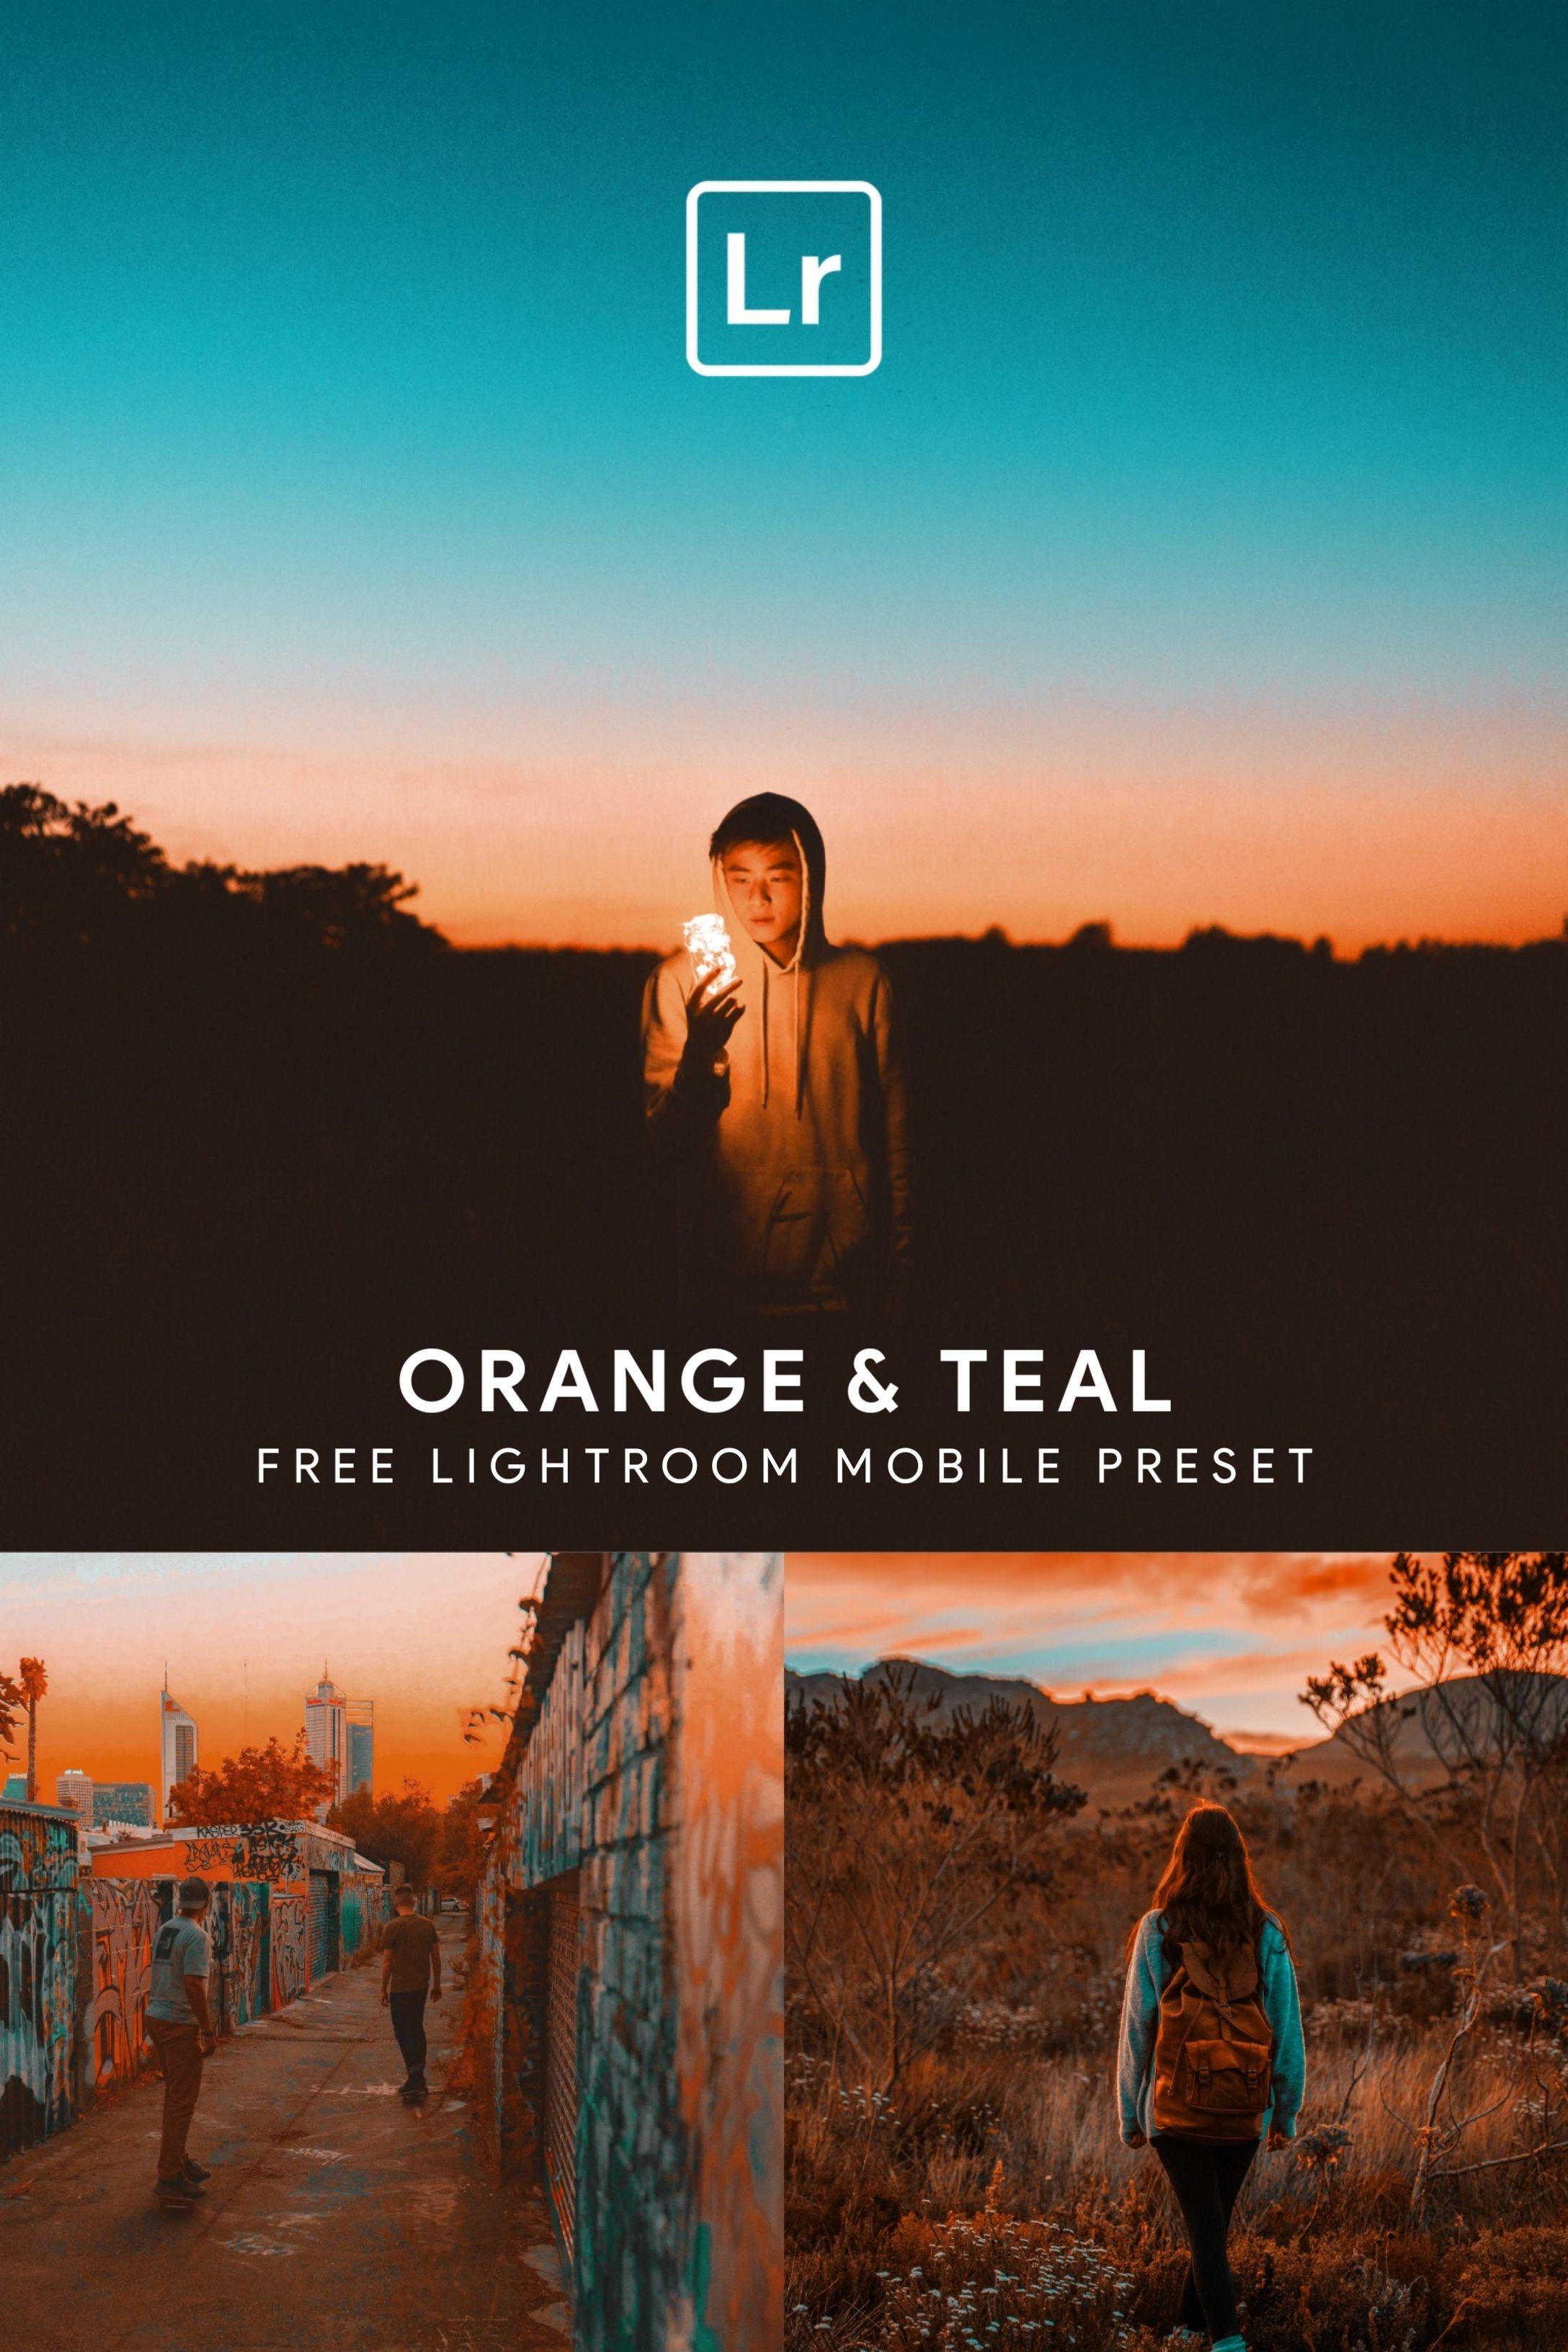 Orange and teal lightroom